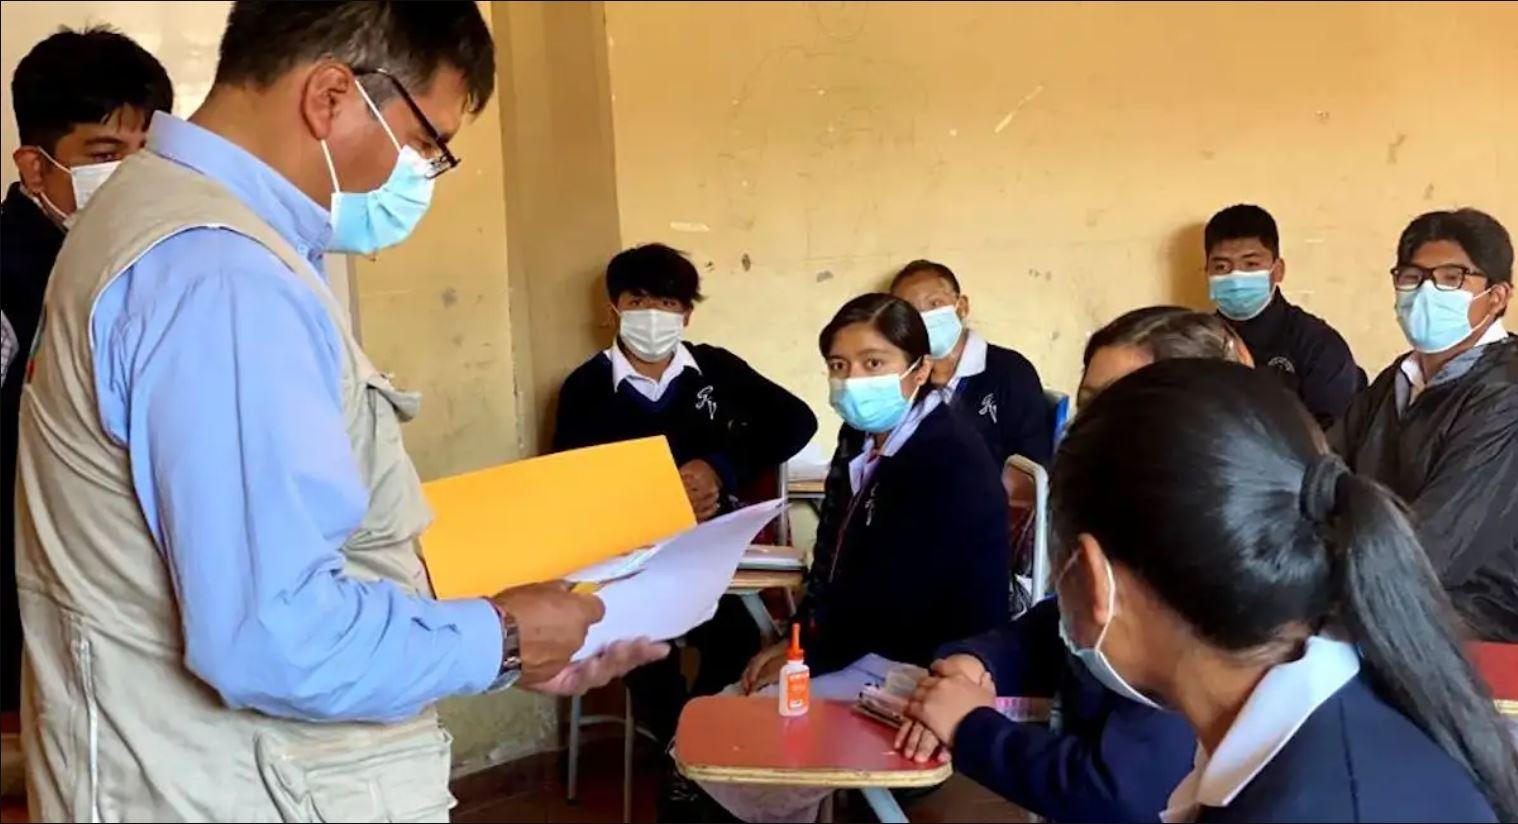 Regreso a clases presenciales en Bolivia más cerca con vacunación de jóvenes de 16 y 17 años